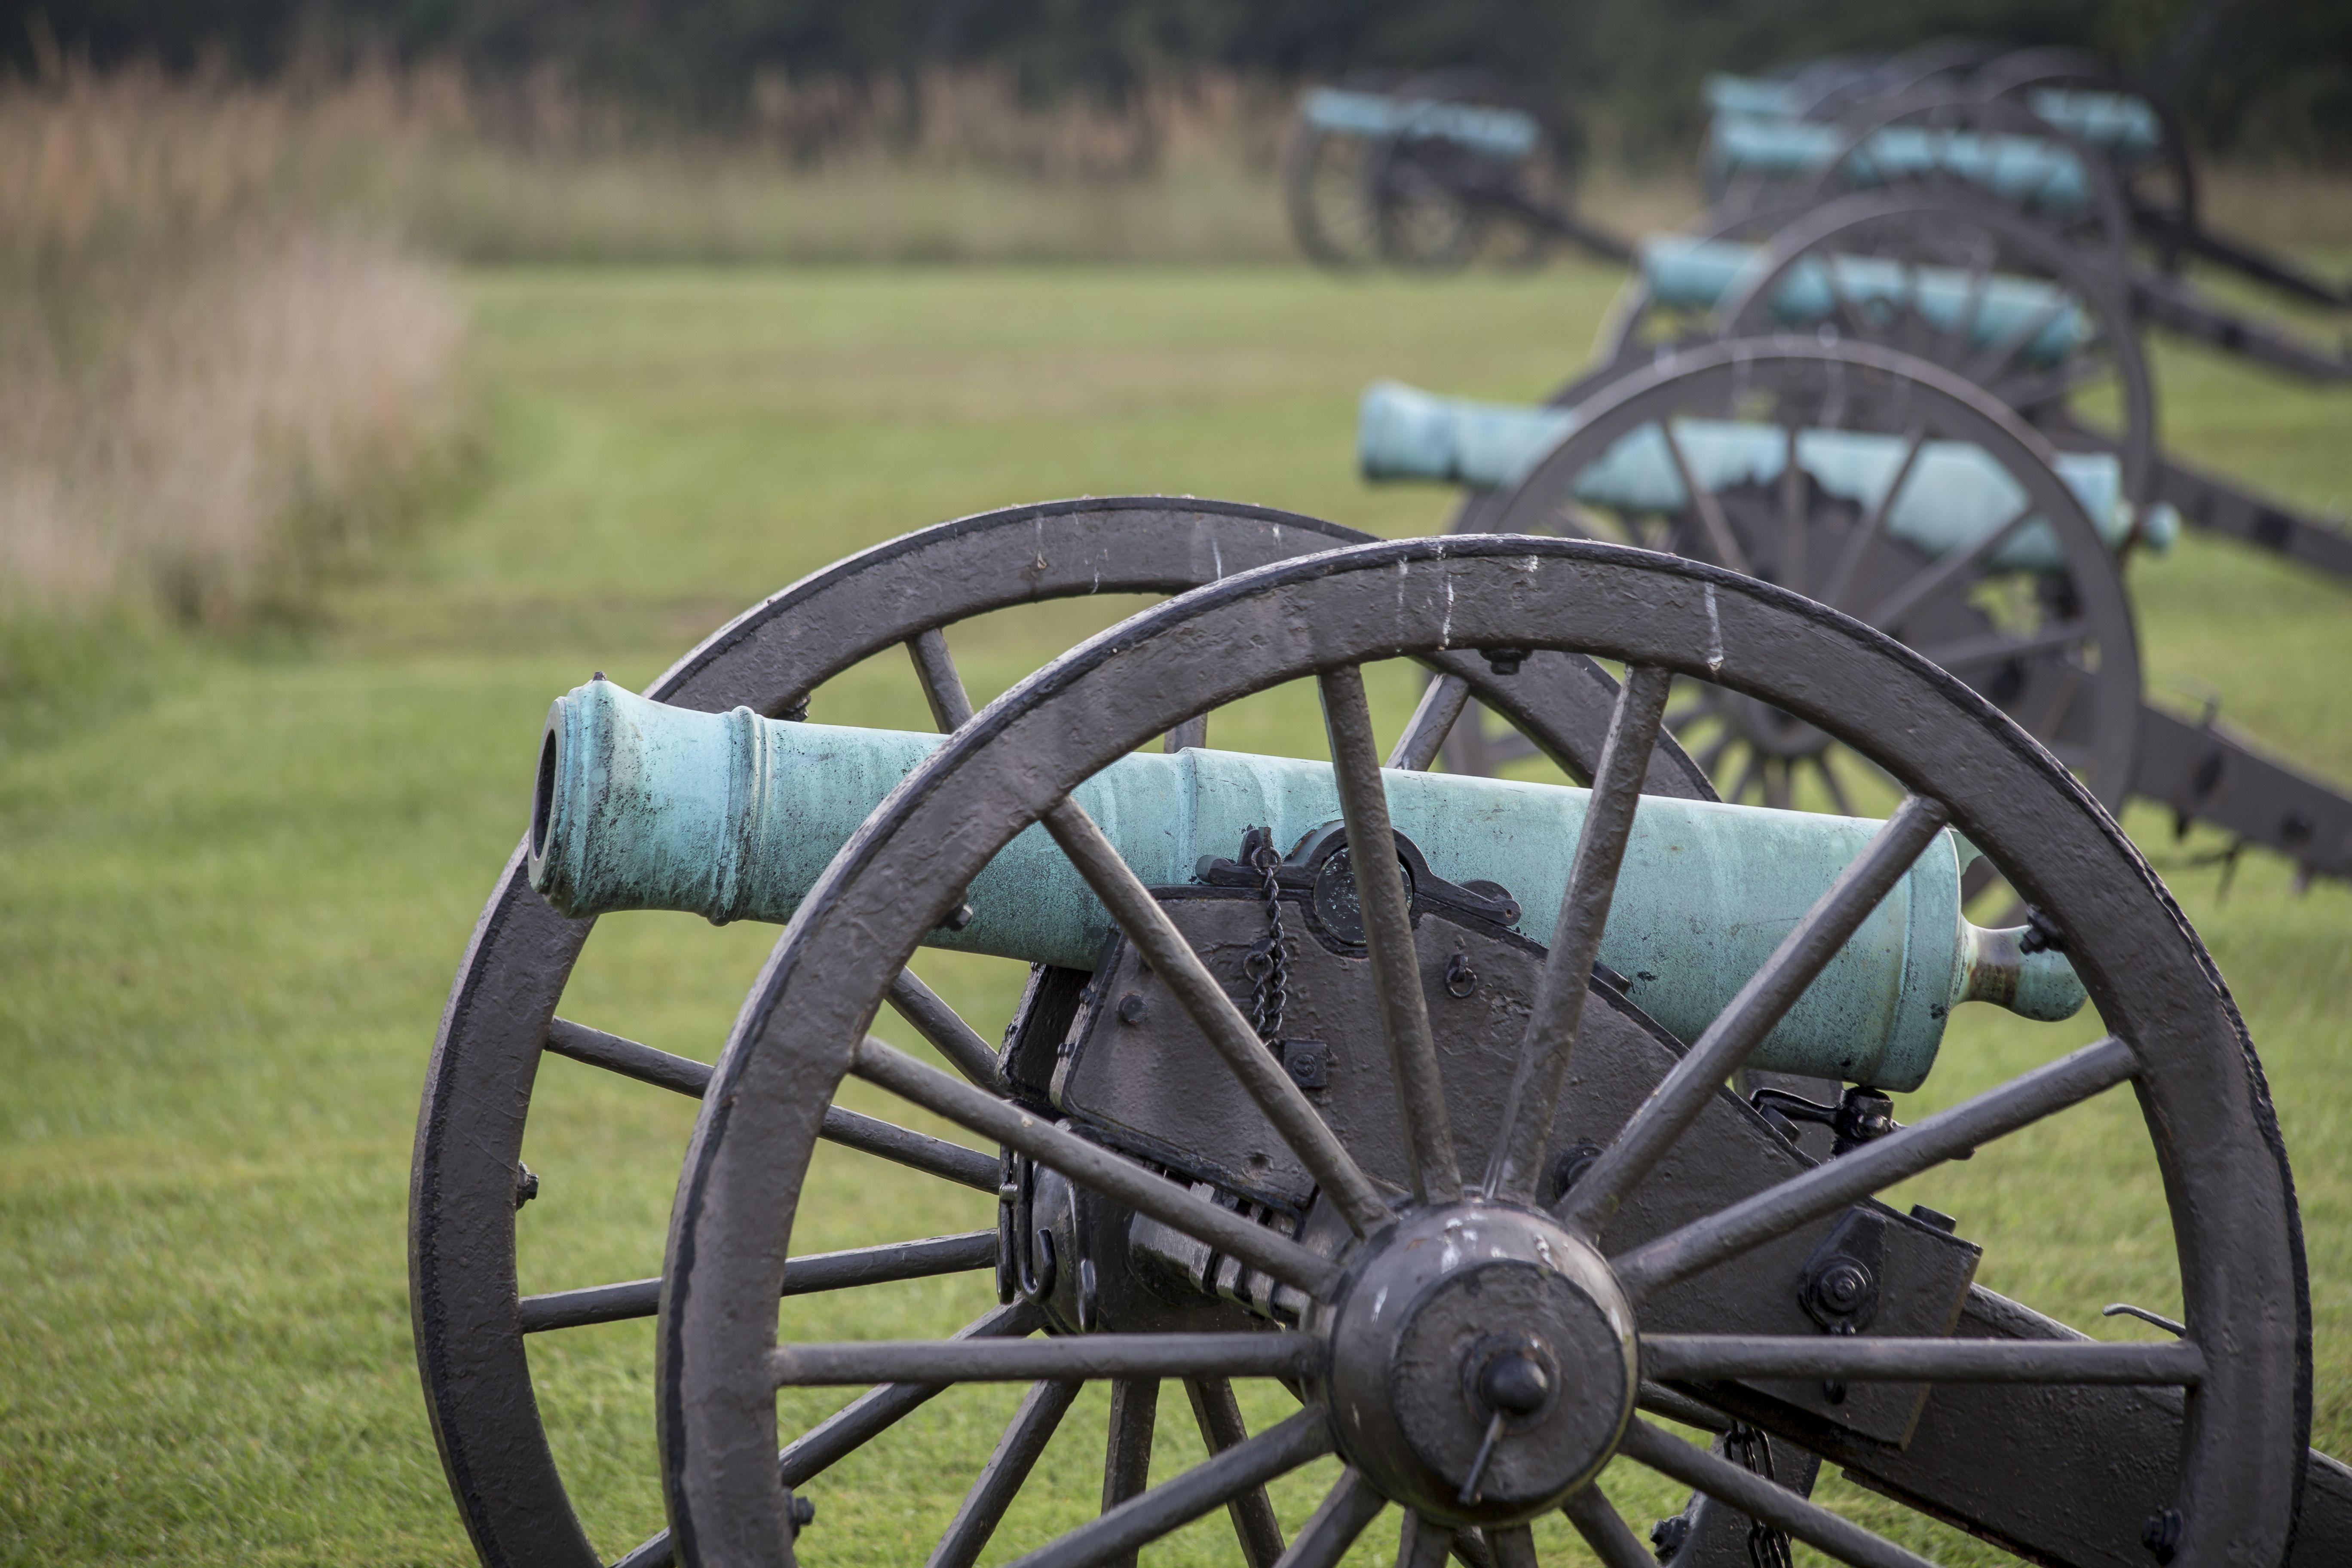 Cannons at the Manassas National Battlefield Park in Manassas, Virginia.